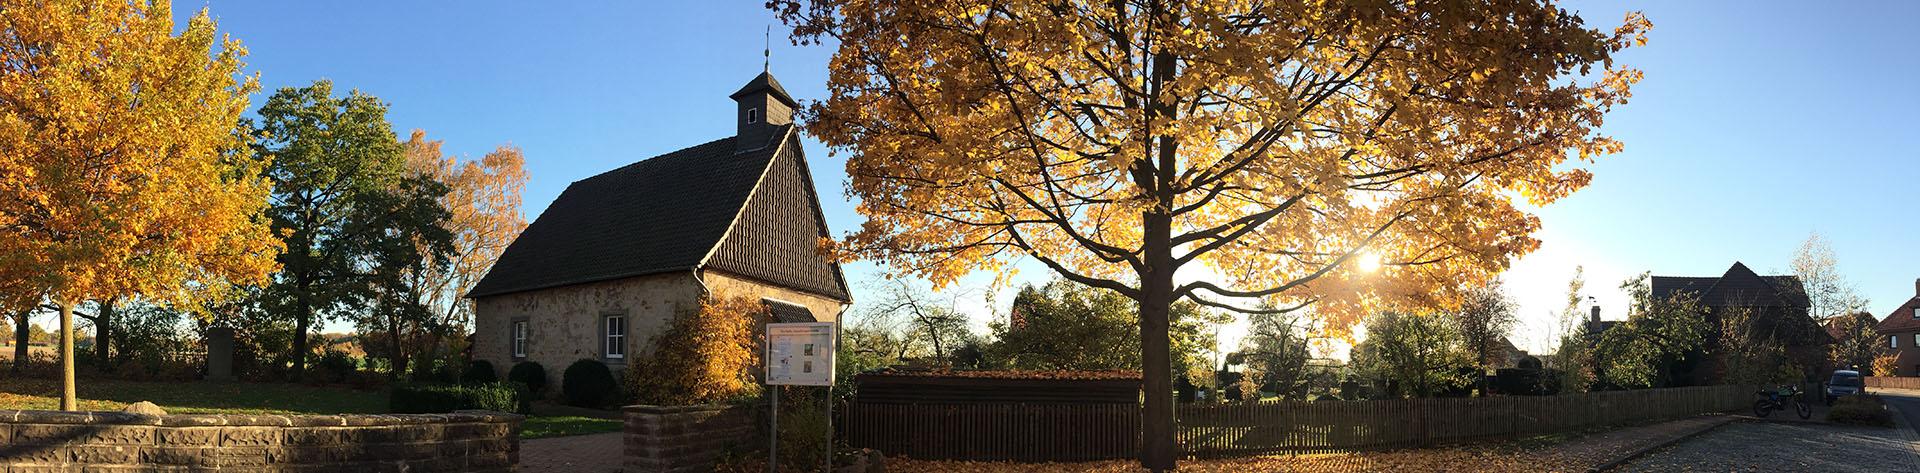 Relaunch-Startseite_Kapelle Ihme-Roloven